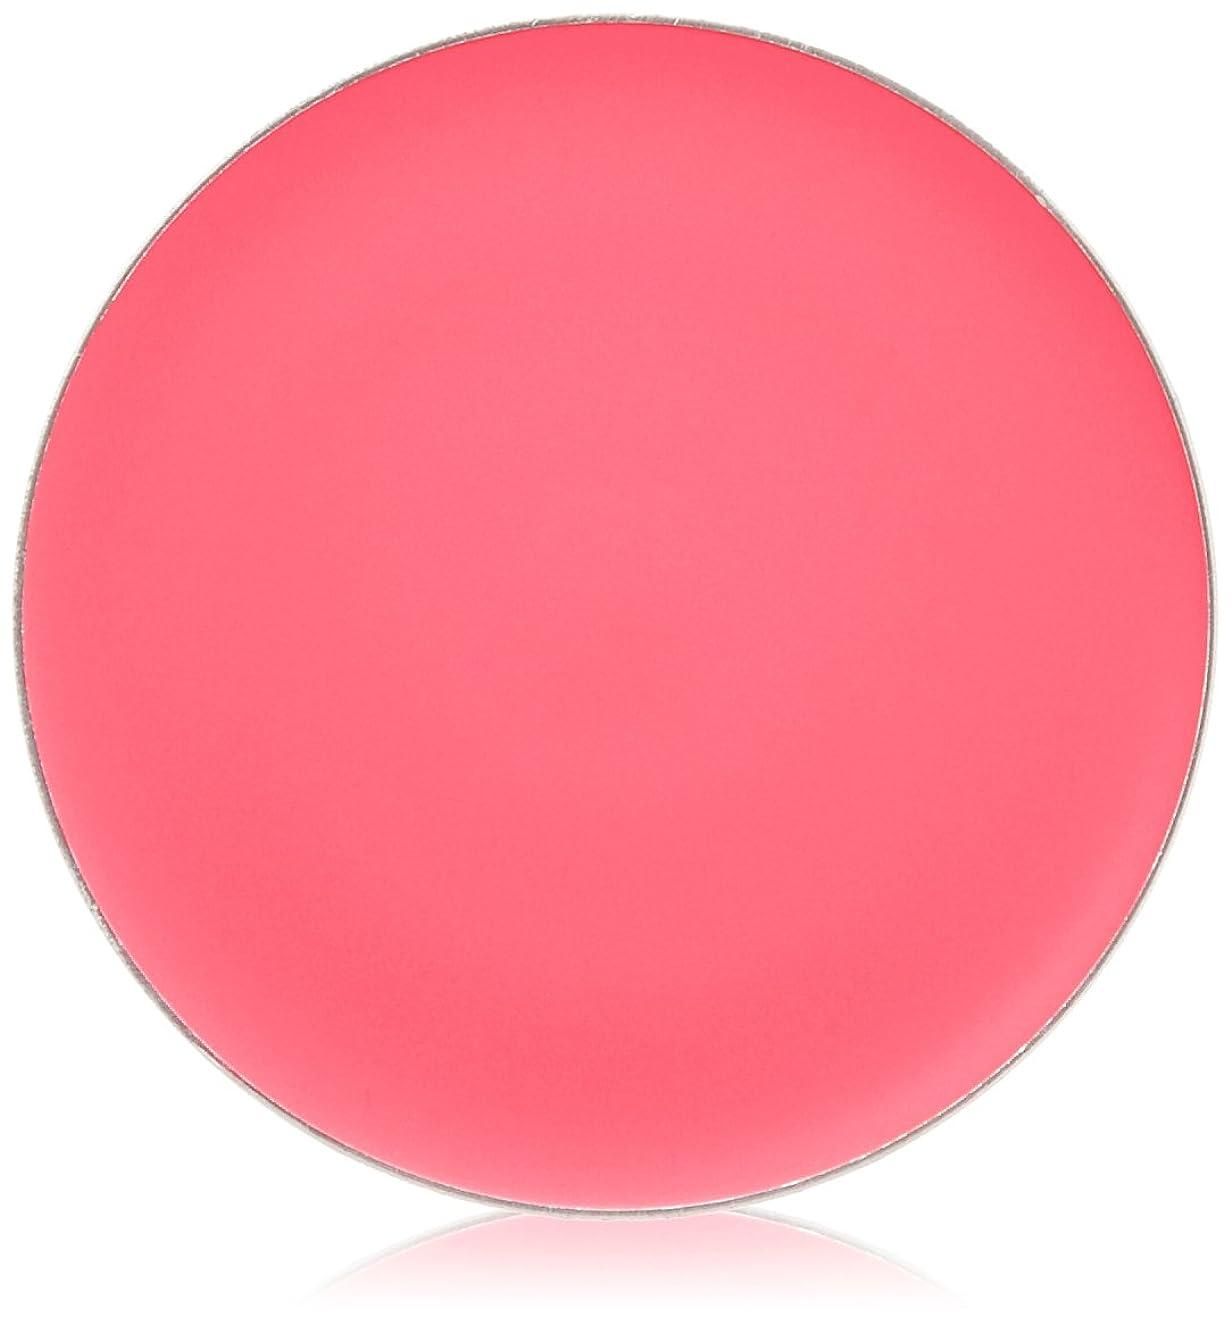 遺伝的怠感エンジニアキッカ フローレスグロウ フラッシュブラッシュ 02 パフピンク チーク